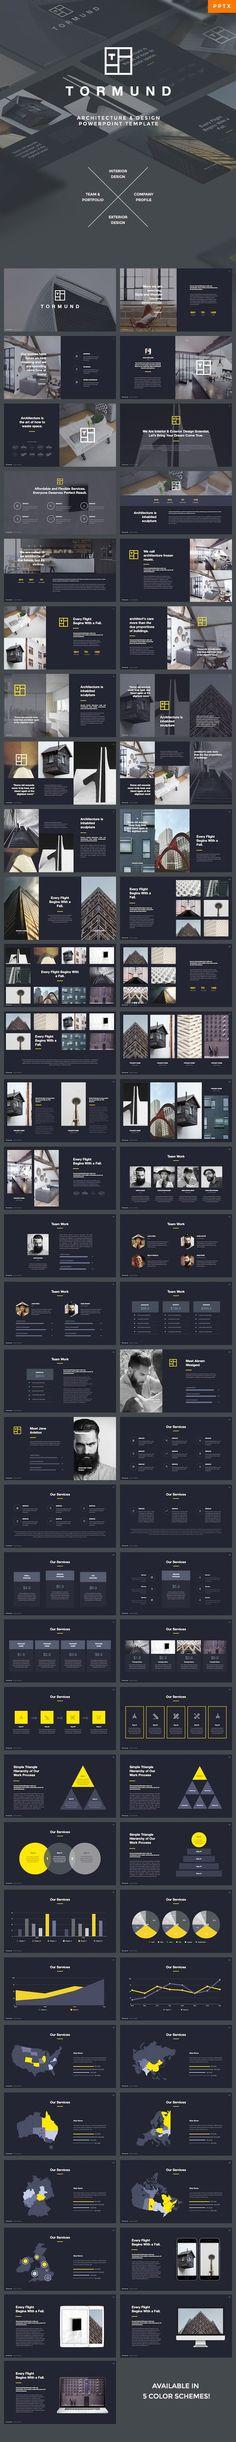 Thormund Design & Portfolio Powerpoint Template — Powerpoint PPTX #architecture #1920x1080 • Download ➝ https://graphicriver.net/item/thormund-design-portfolio-powerpoint-template/19387581?ref=pxcr